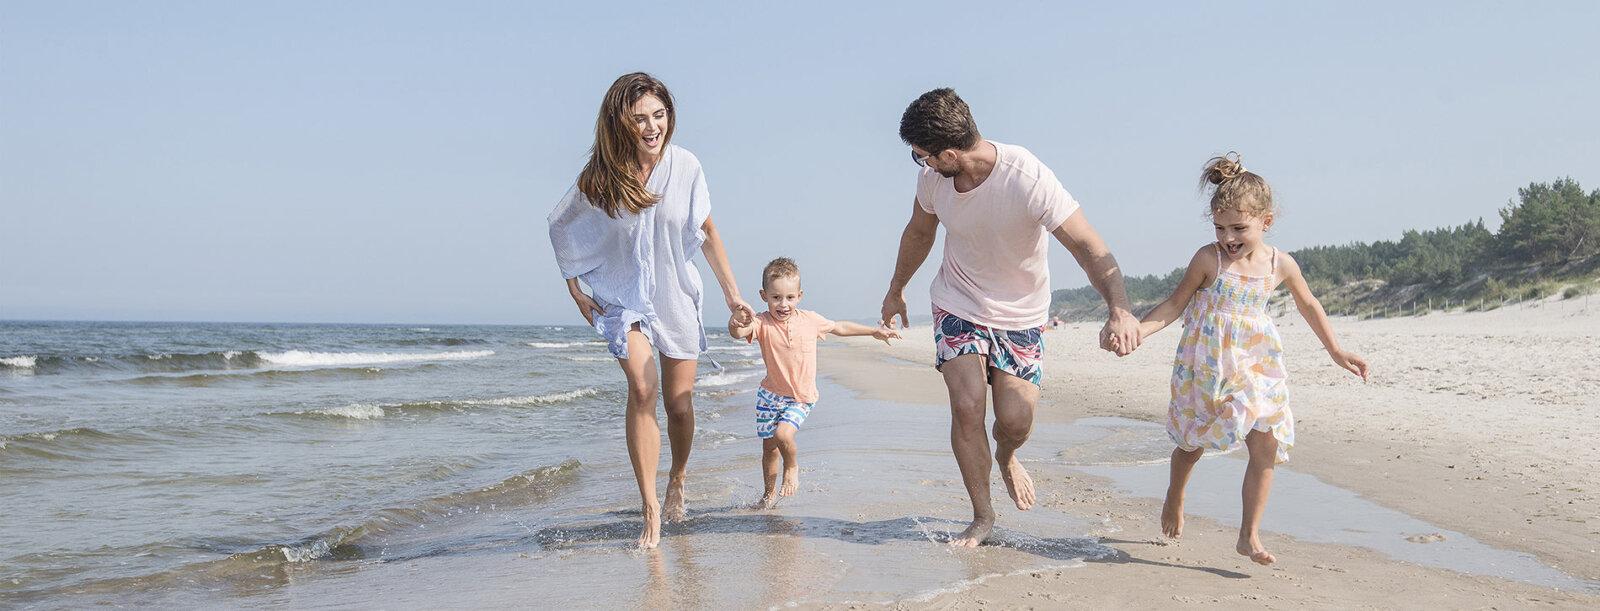 Rodzinne wakacje nad morzem Bałtyckim